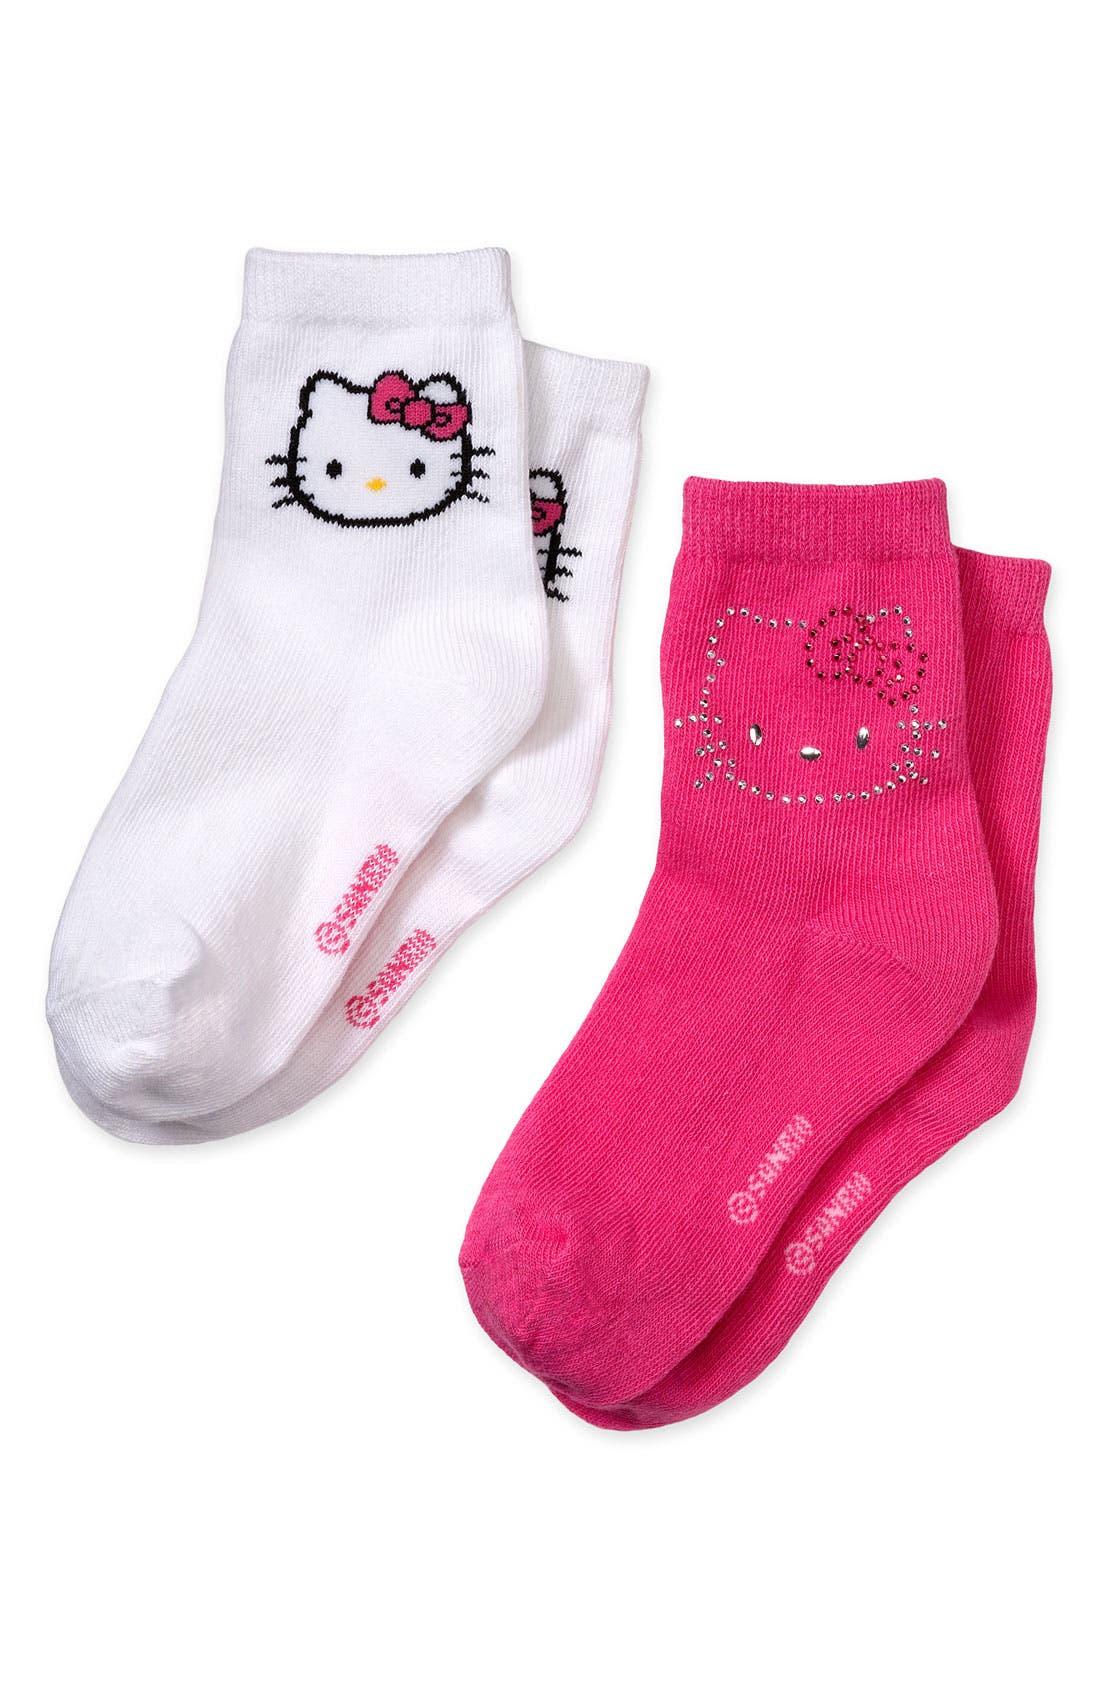 Alternate Image 1 Selected - Hello Kitty® 'Diamante' Socks (2-Pack) (Girls)